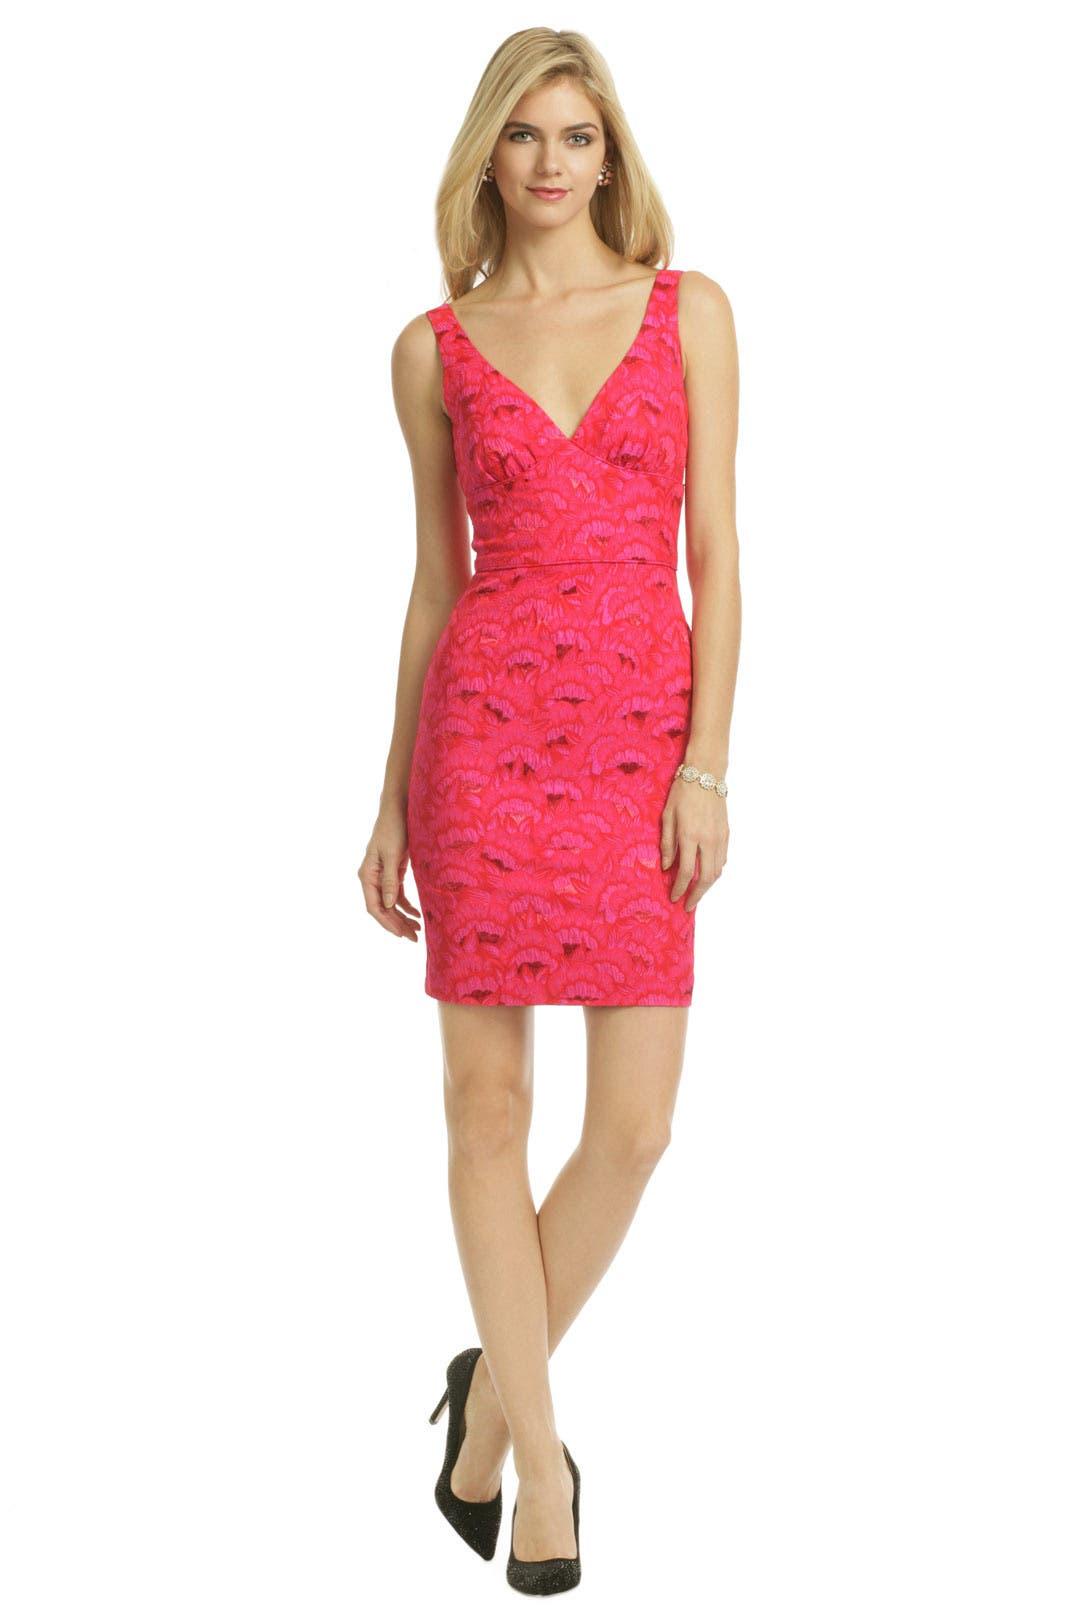 Pink Oahu Fan Dress by Trina Turk